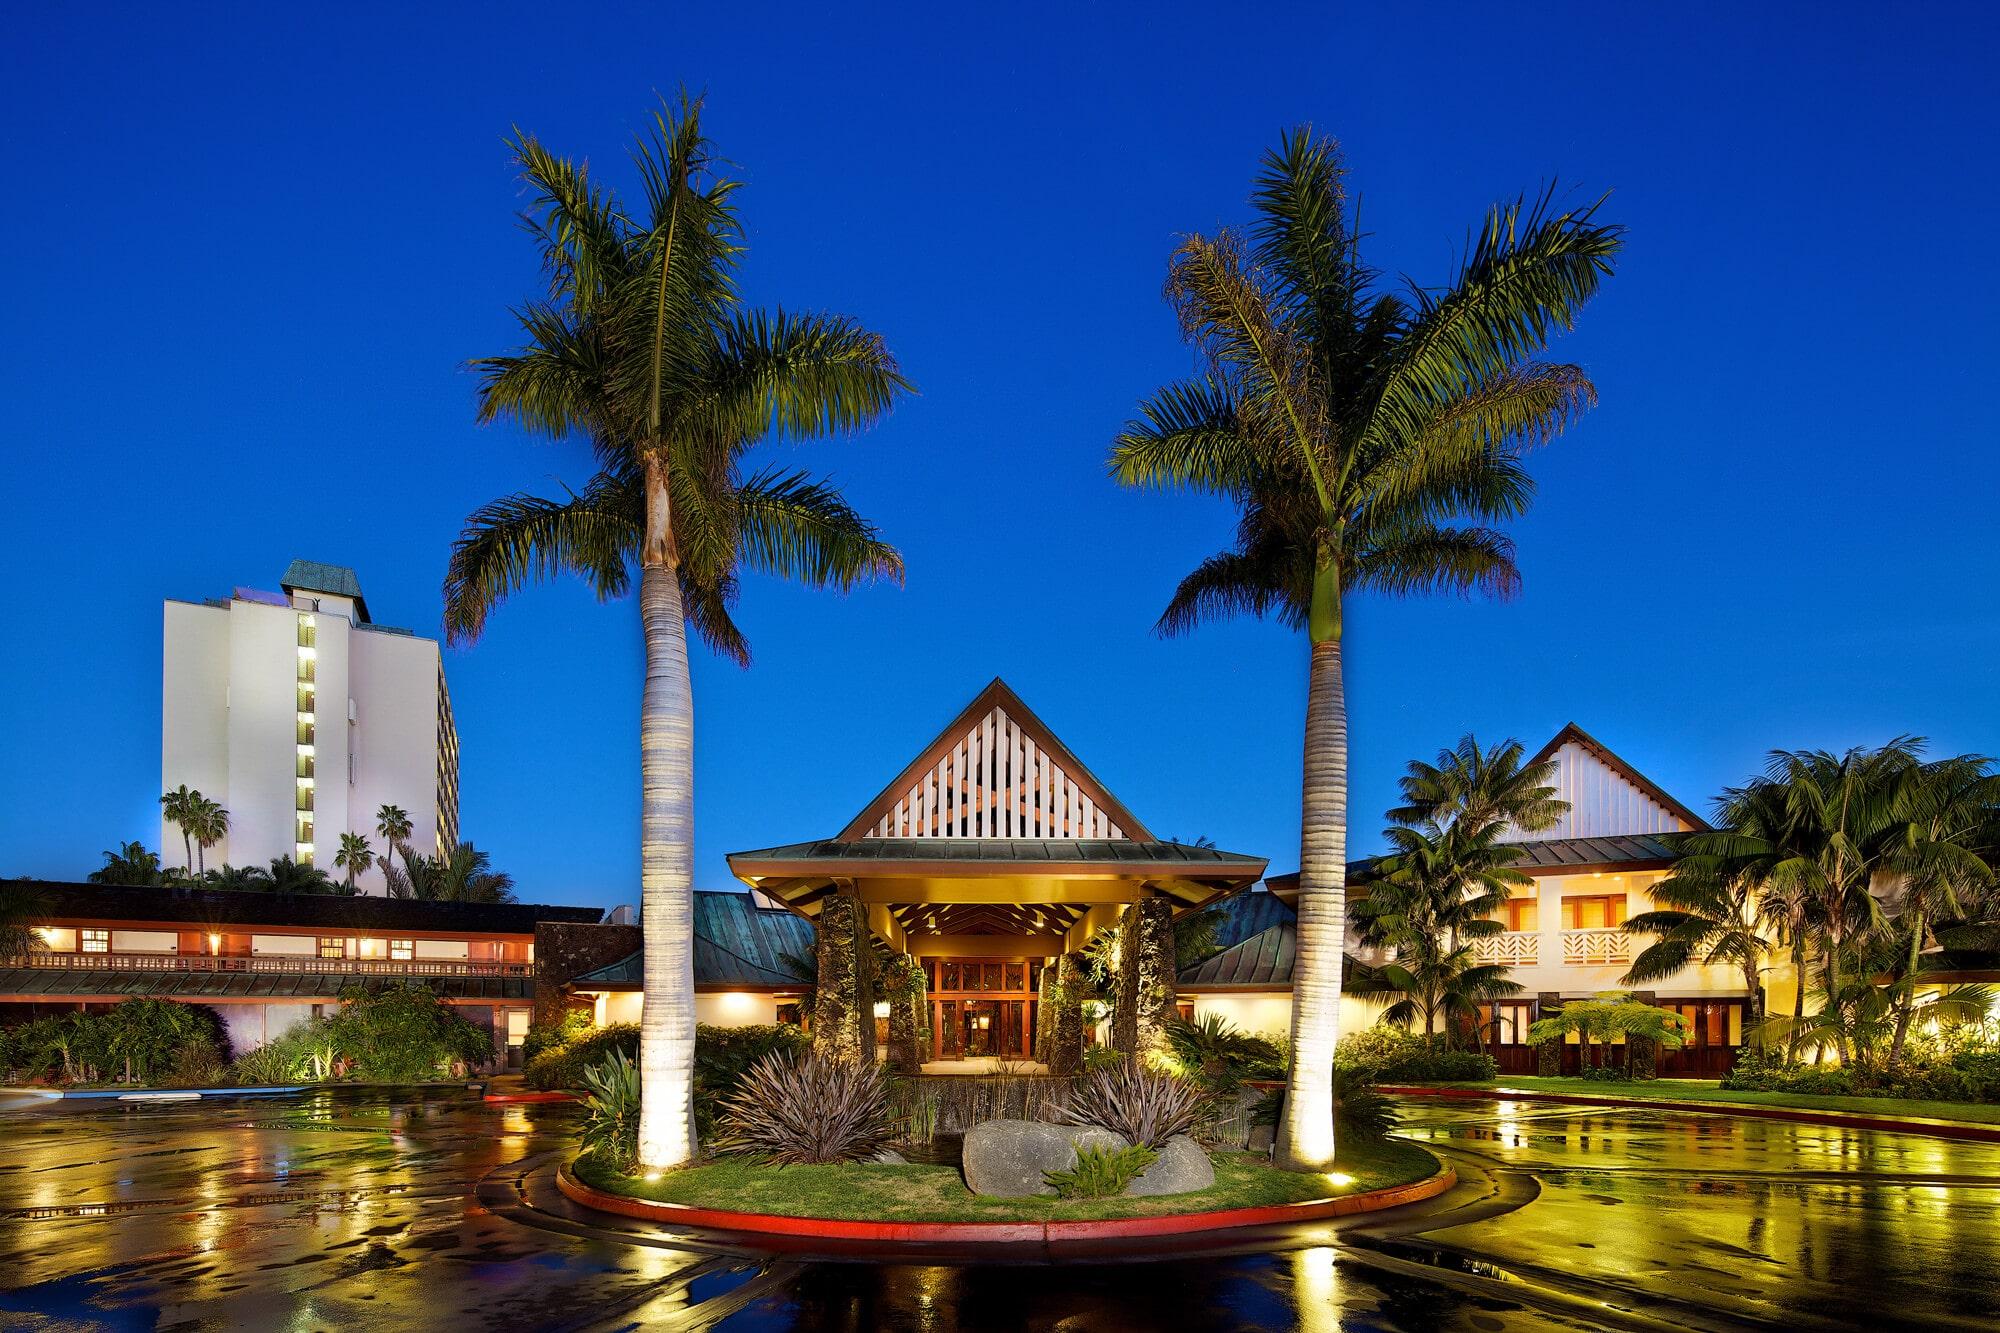 Beachfront Catamaran Resort Hotel And Spa